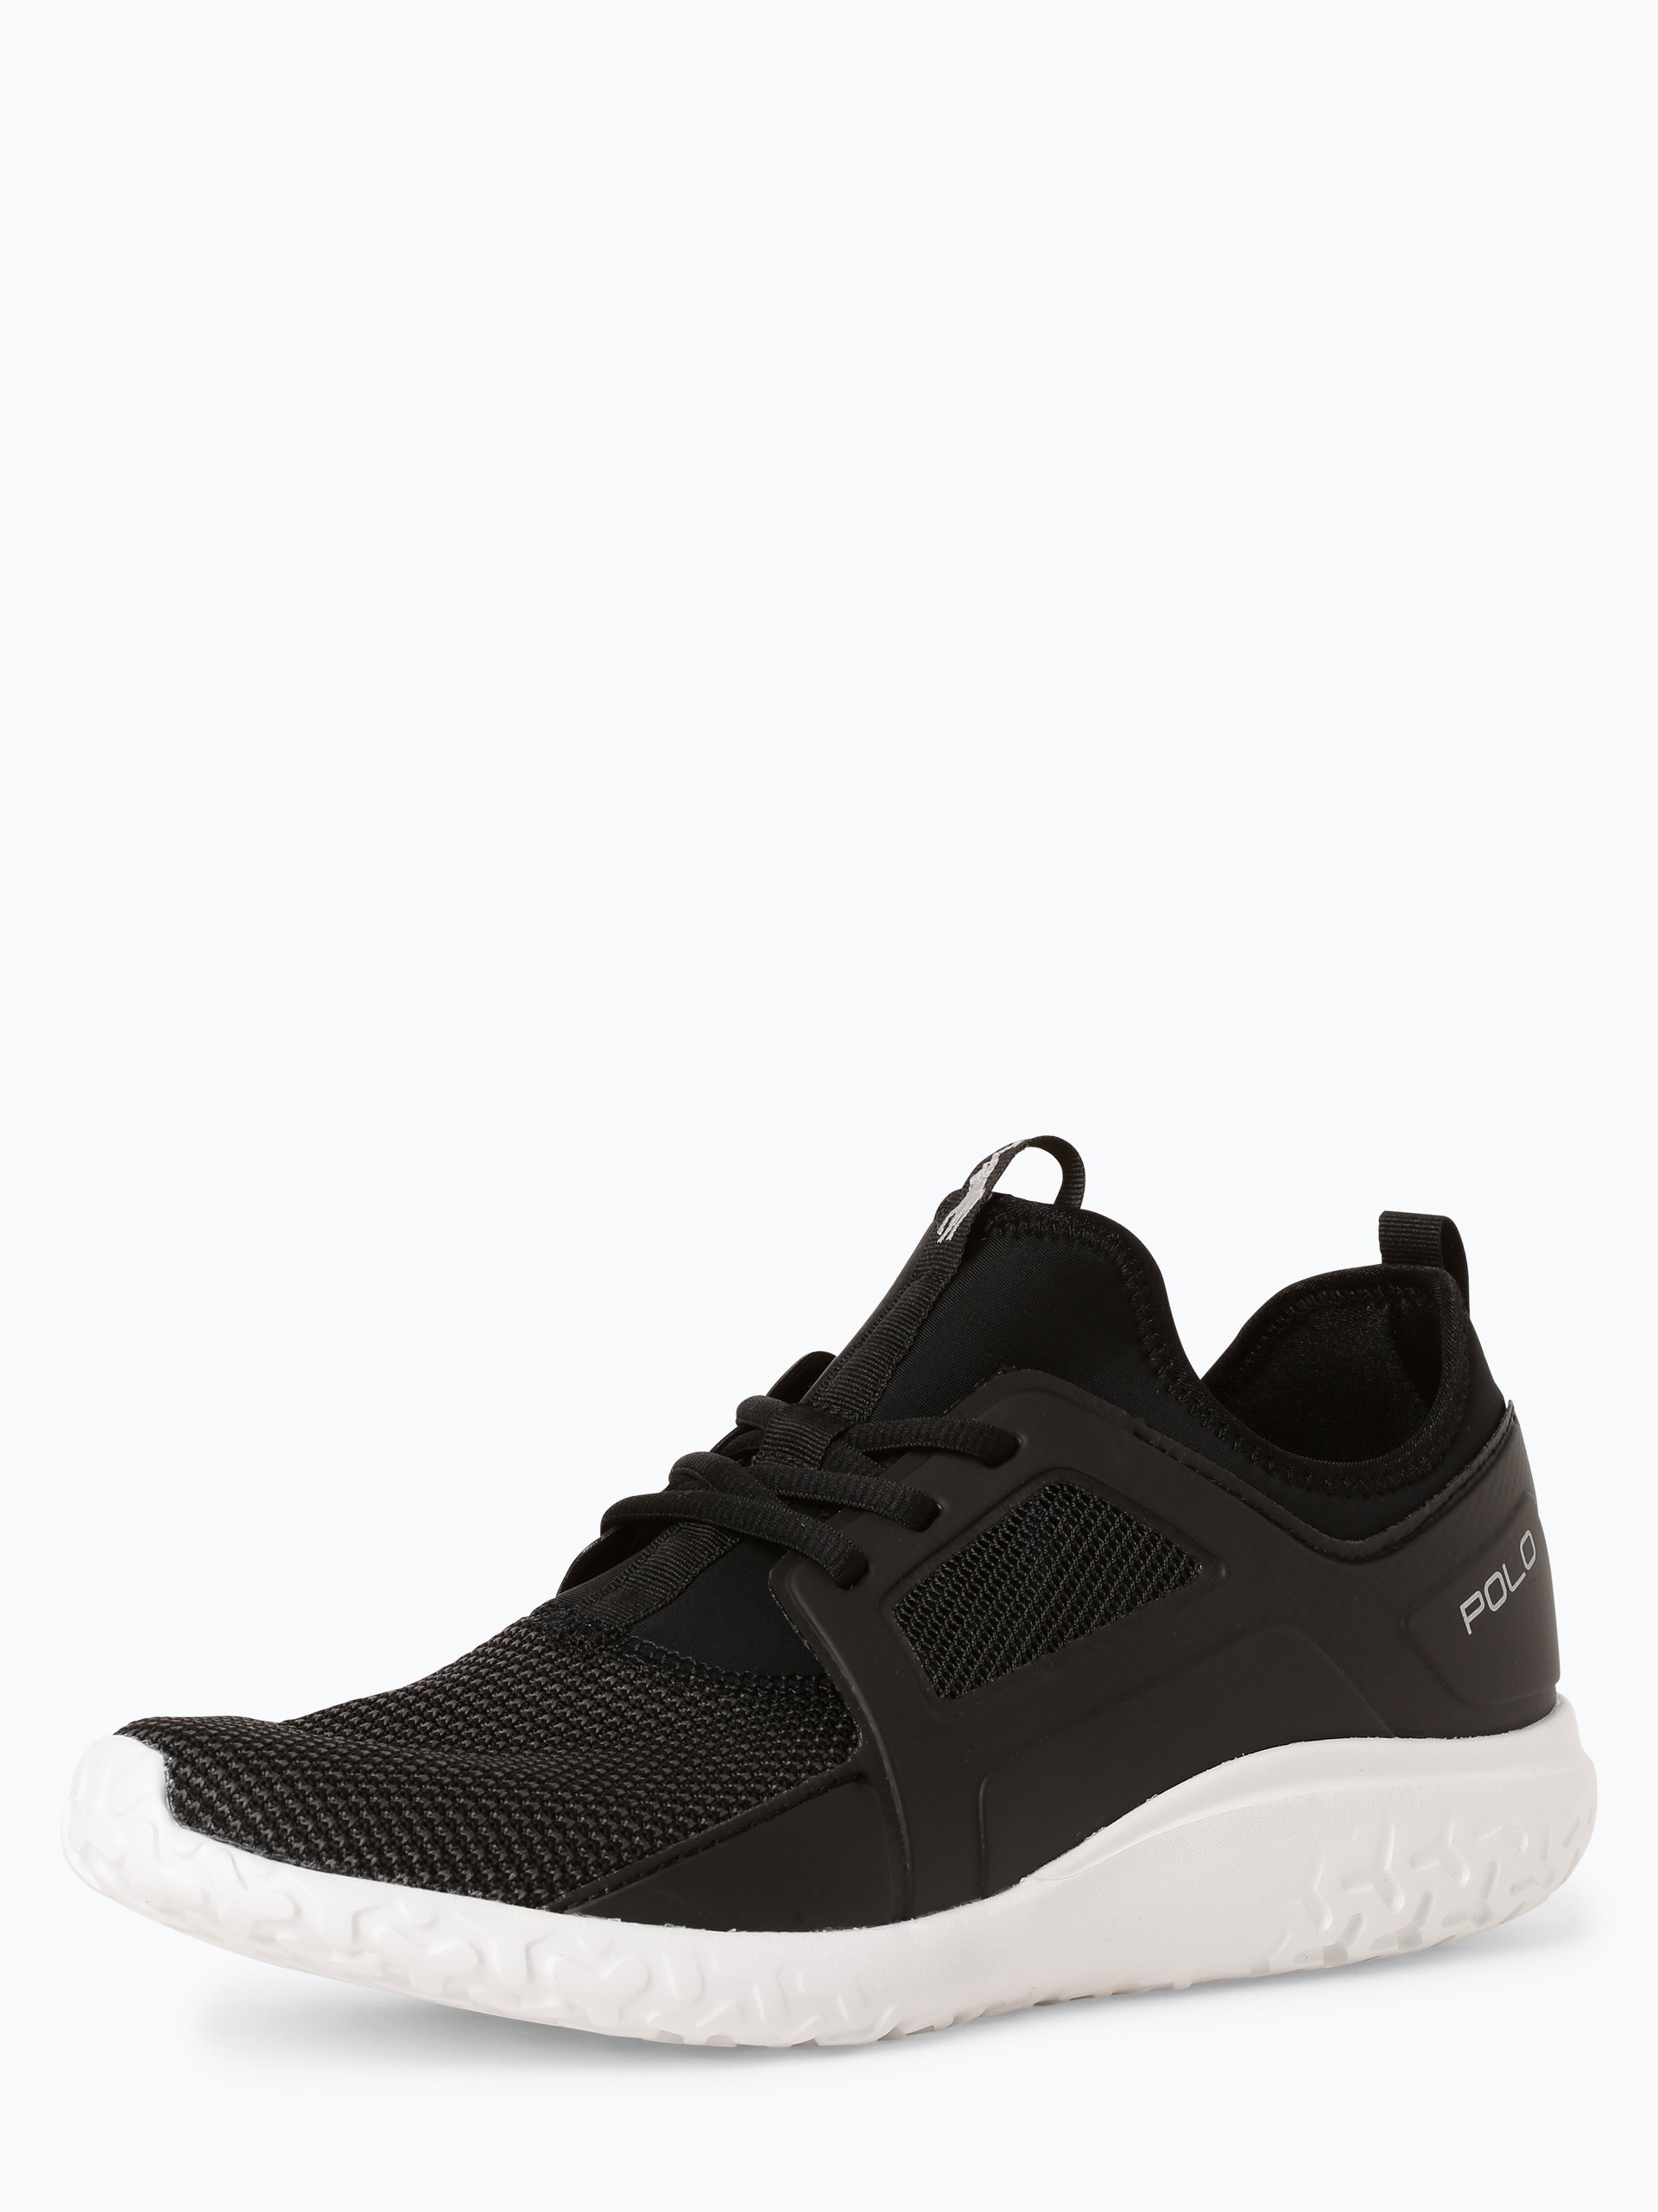 Polo Ralph Lauren Herren Sneaker